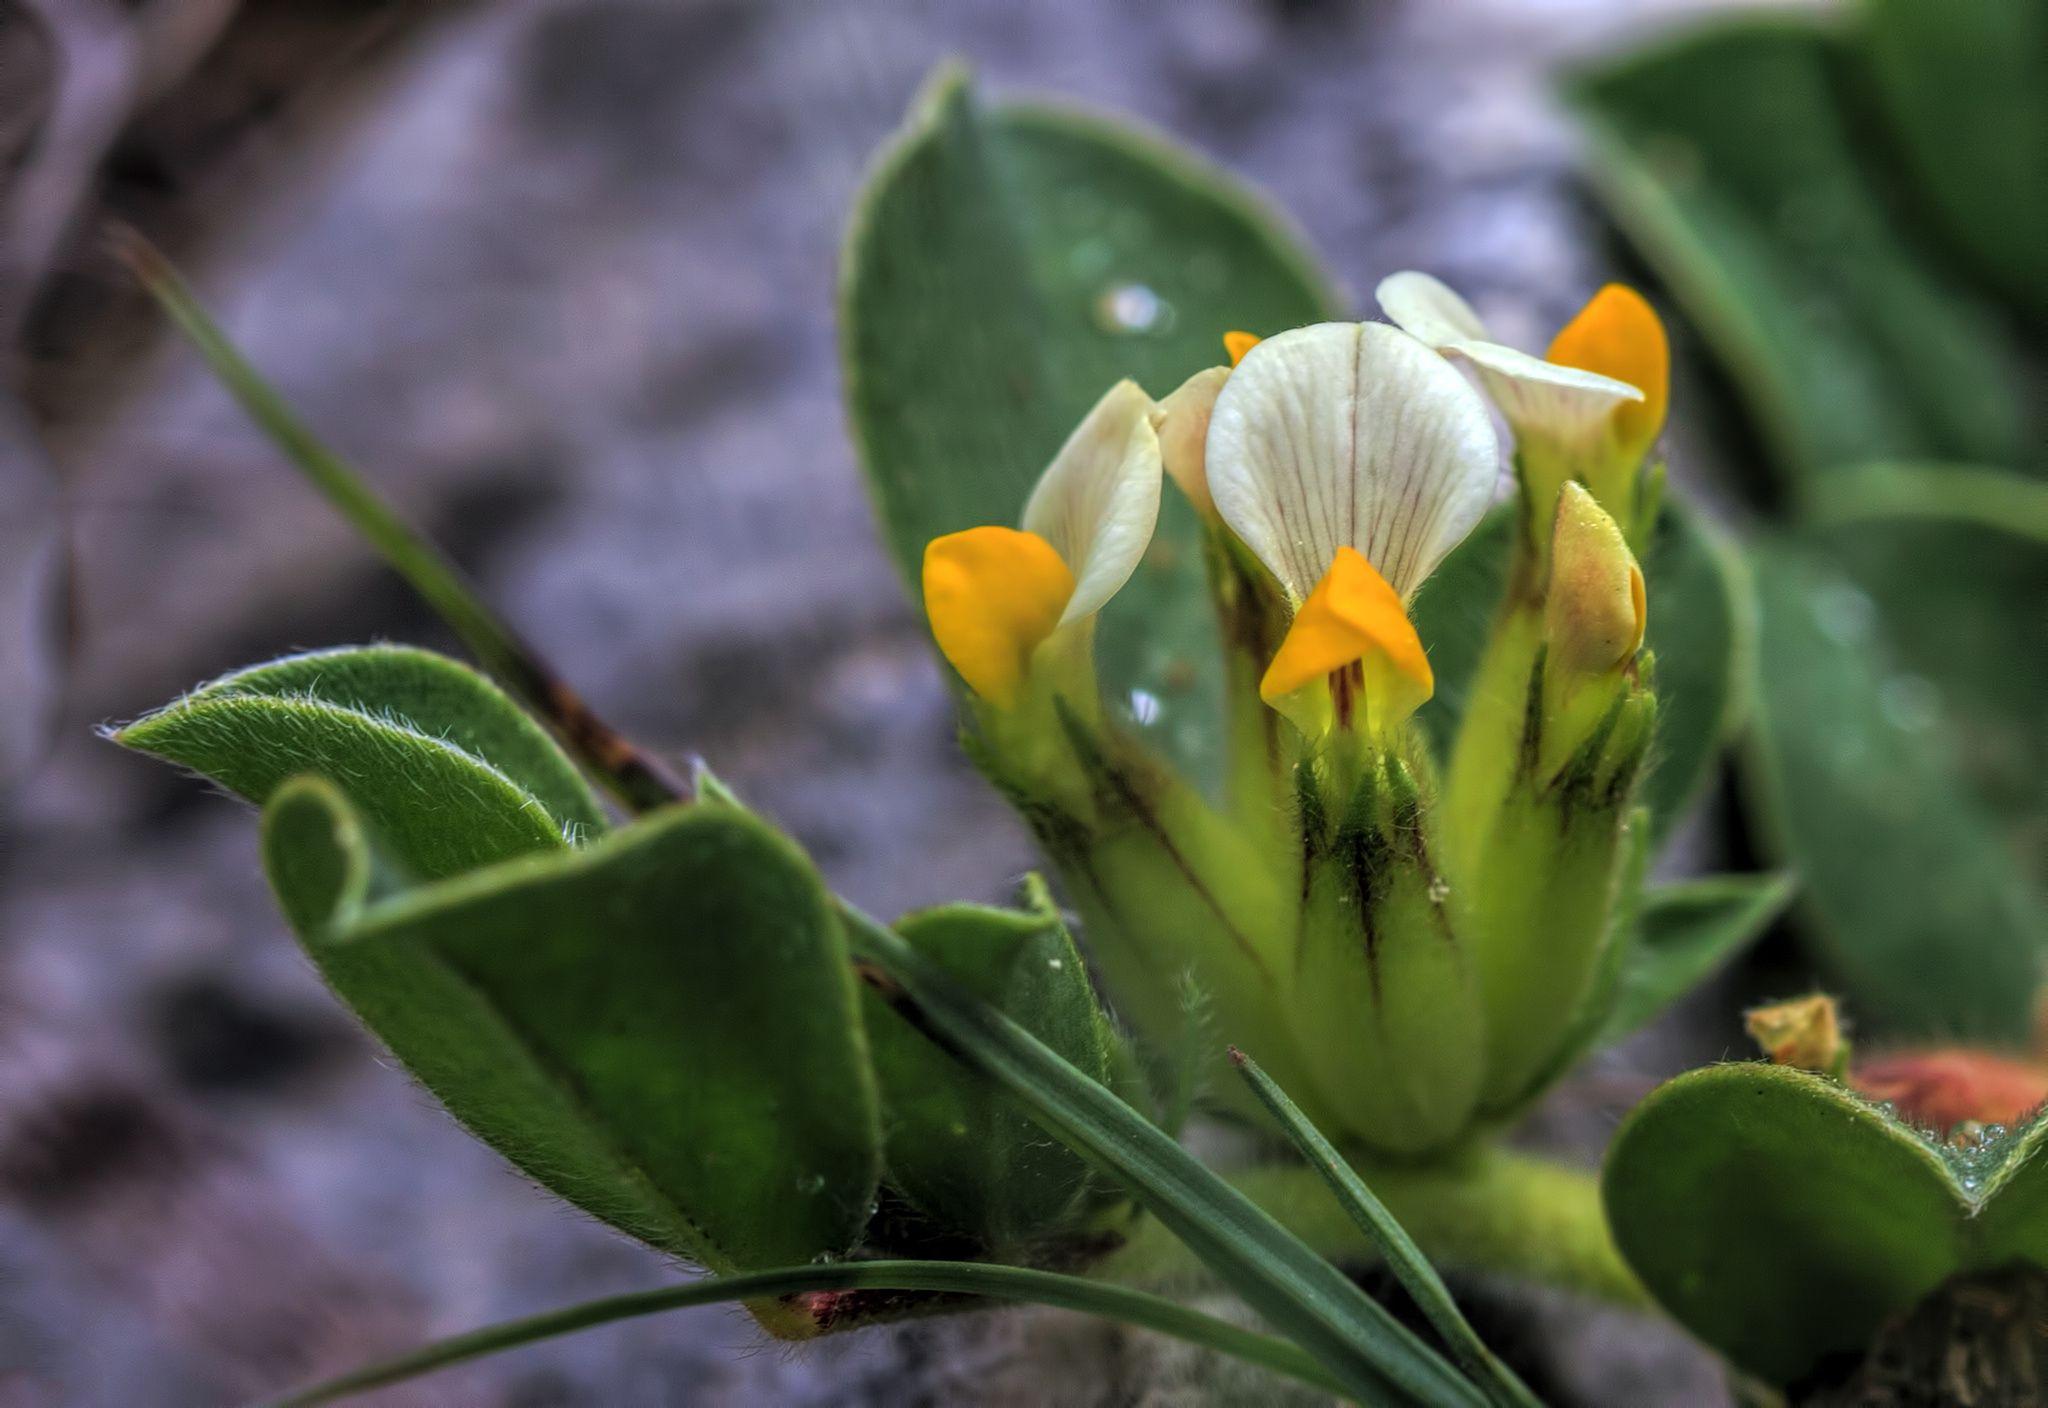 Anthyllis tetraphylla, a ras del suelo by Pedro Francisco  Condés de la Torre on 500px